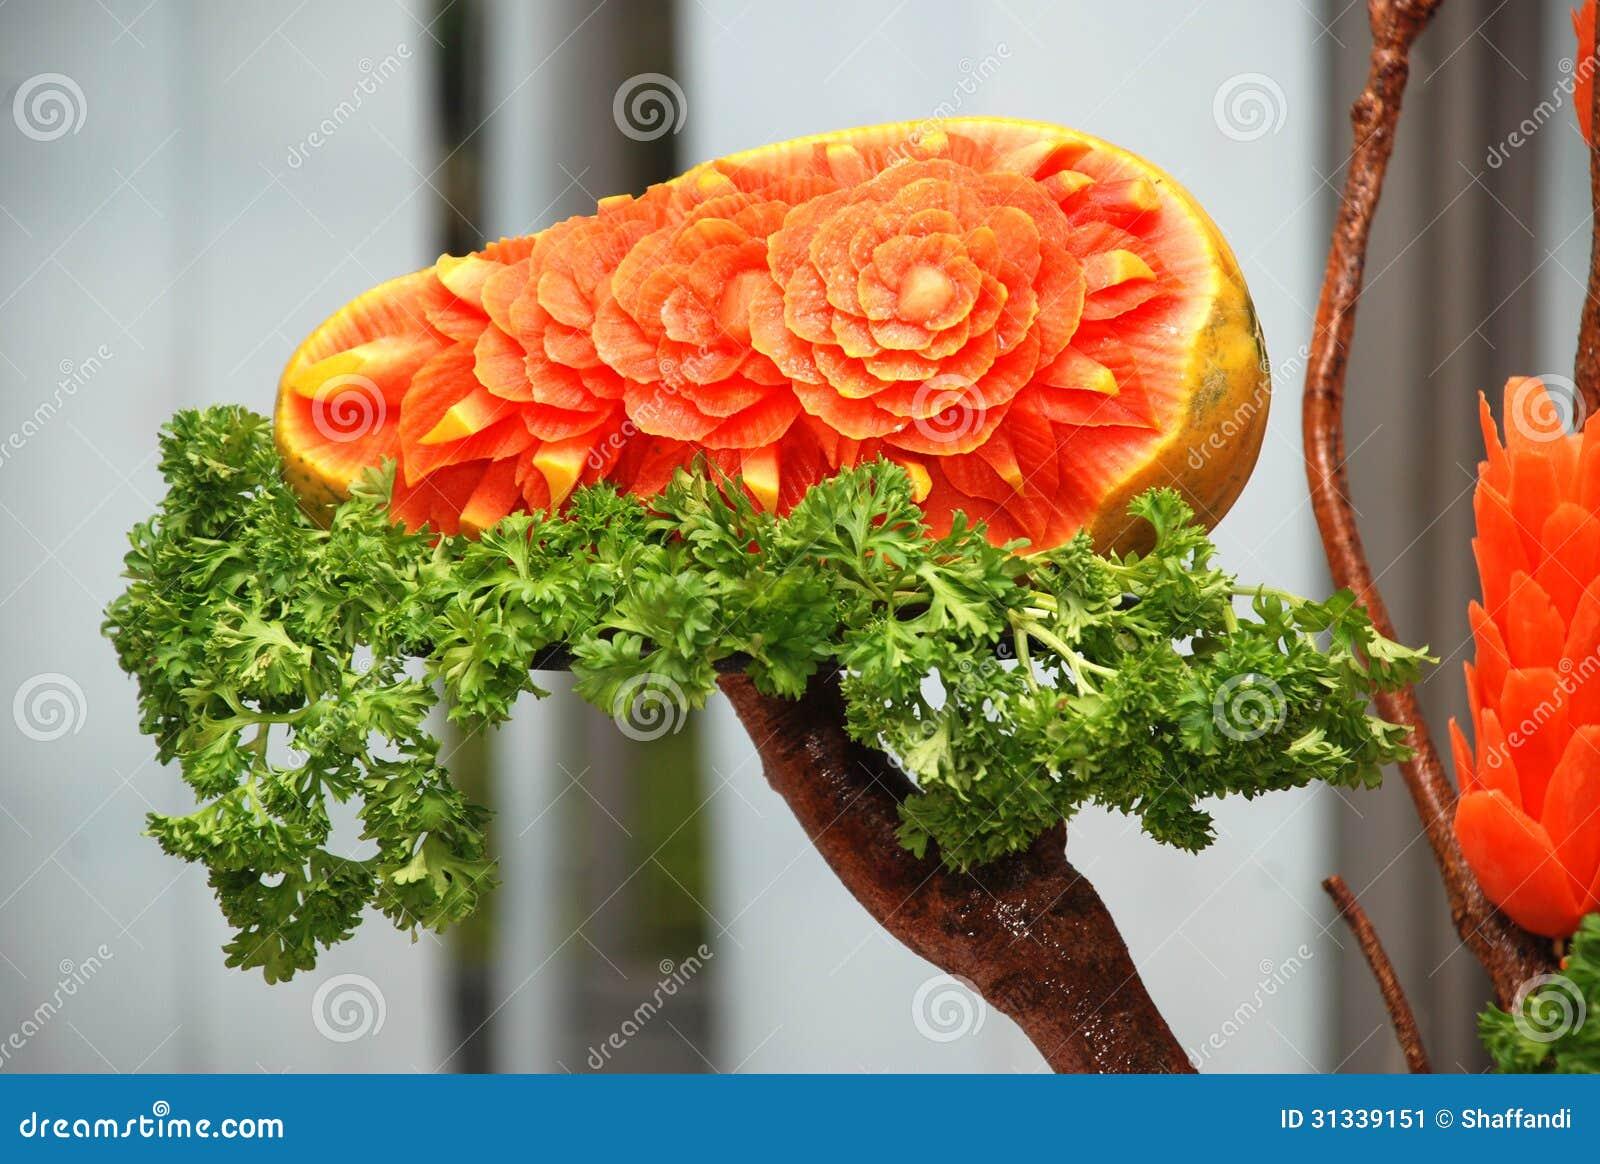 Carved papaya fruit stock image image of nobody fresh for Decoupe fruit decoration